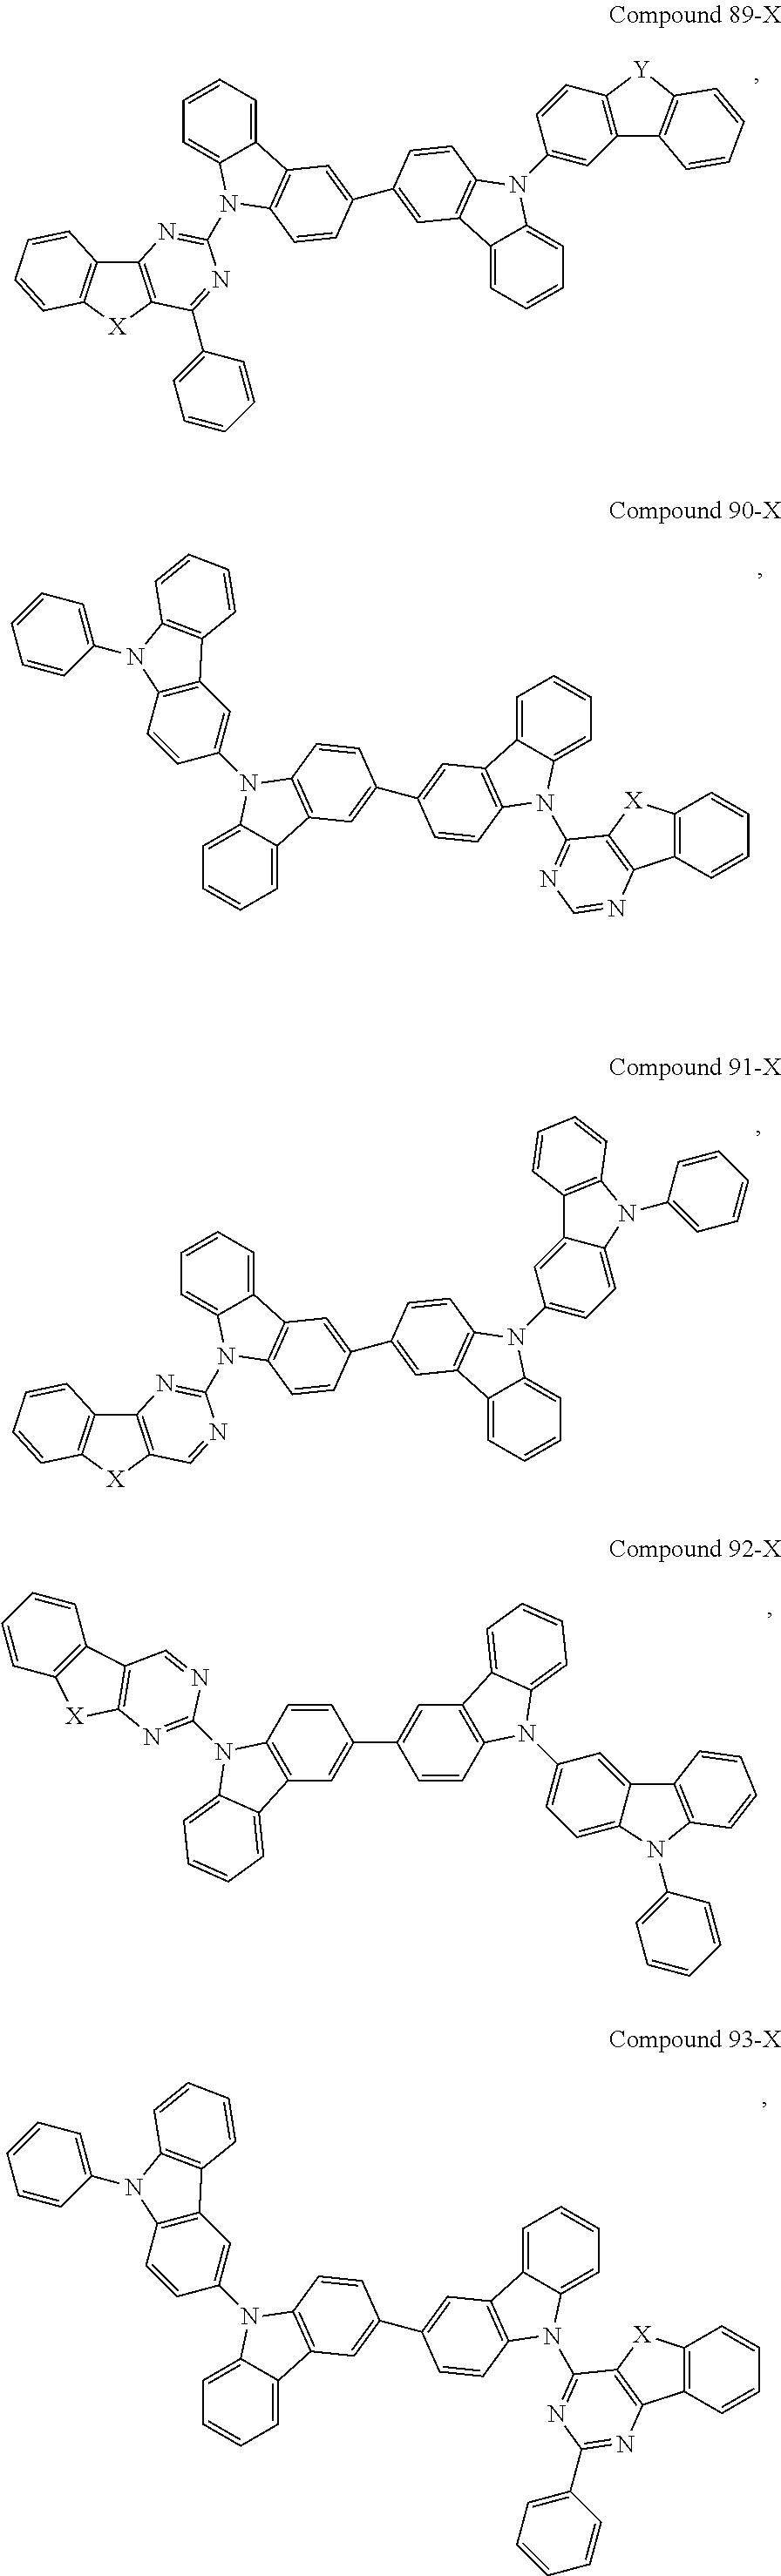 Figure US09553274-20170124-C00026